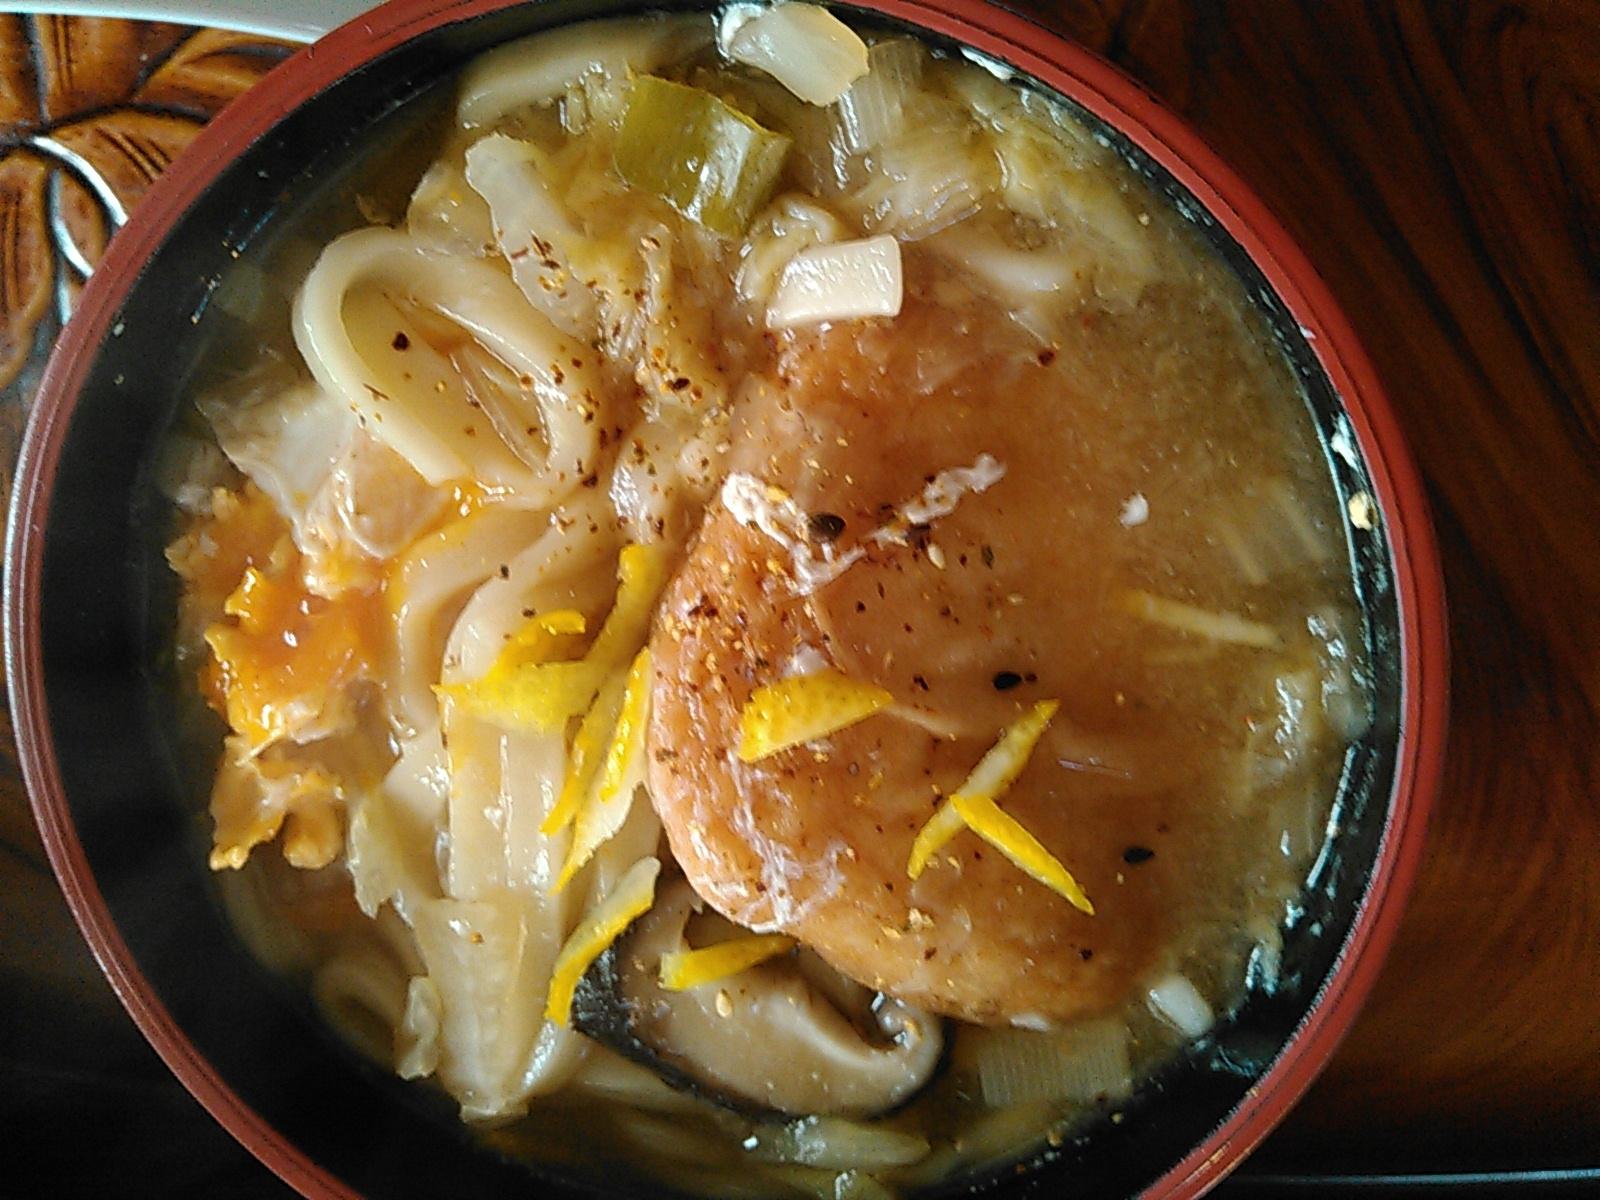 冬野菜とろとろ柚子香るおうどん レシピ・作り方 by あけぼのマジック|楽天レシピ